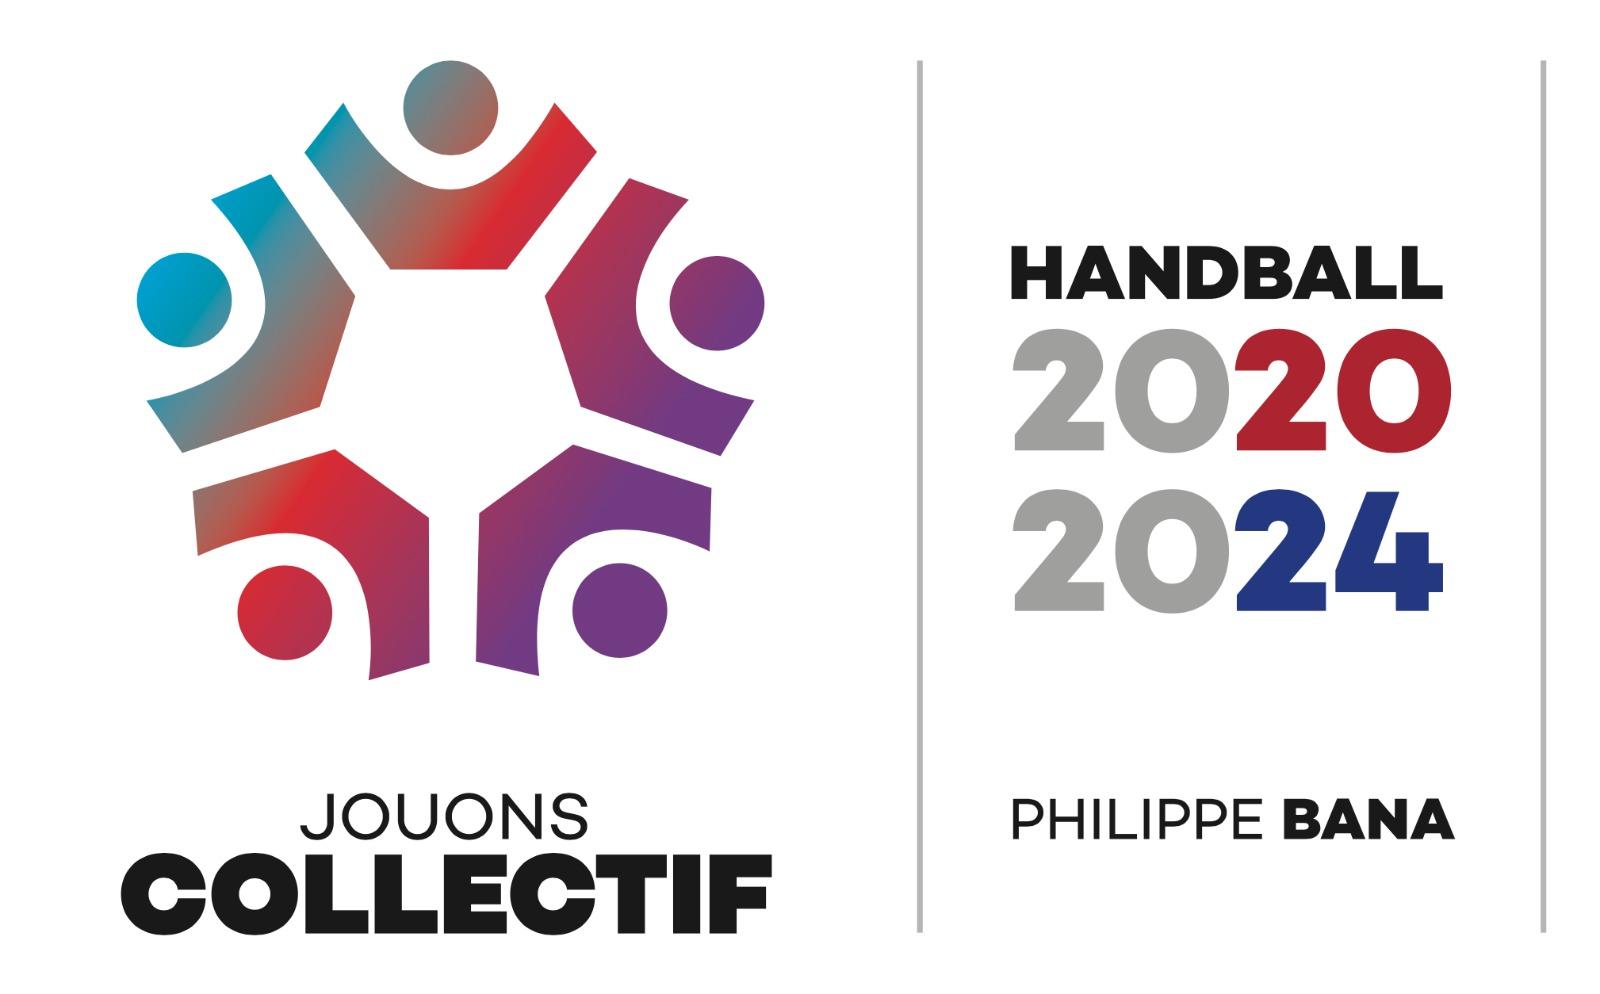 Handball 2024 -